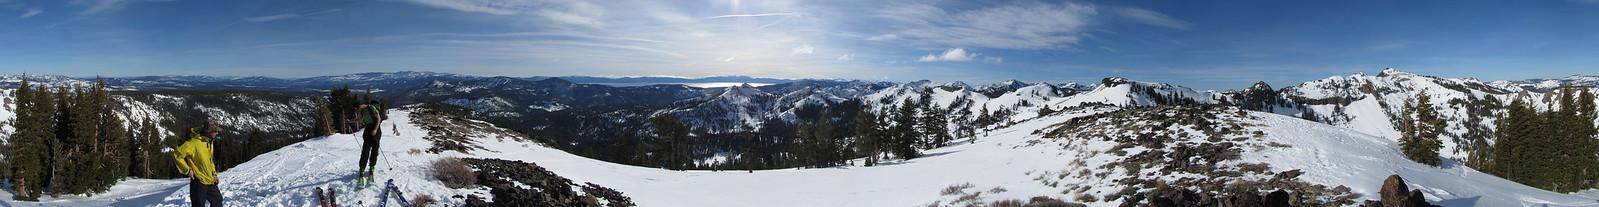 B&B Ski Trip (Feb 3-6, 2011) - Panos